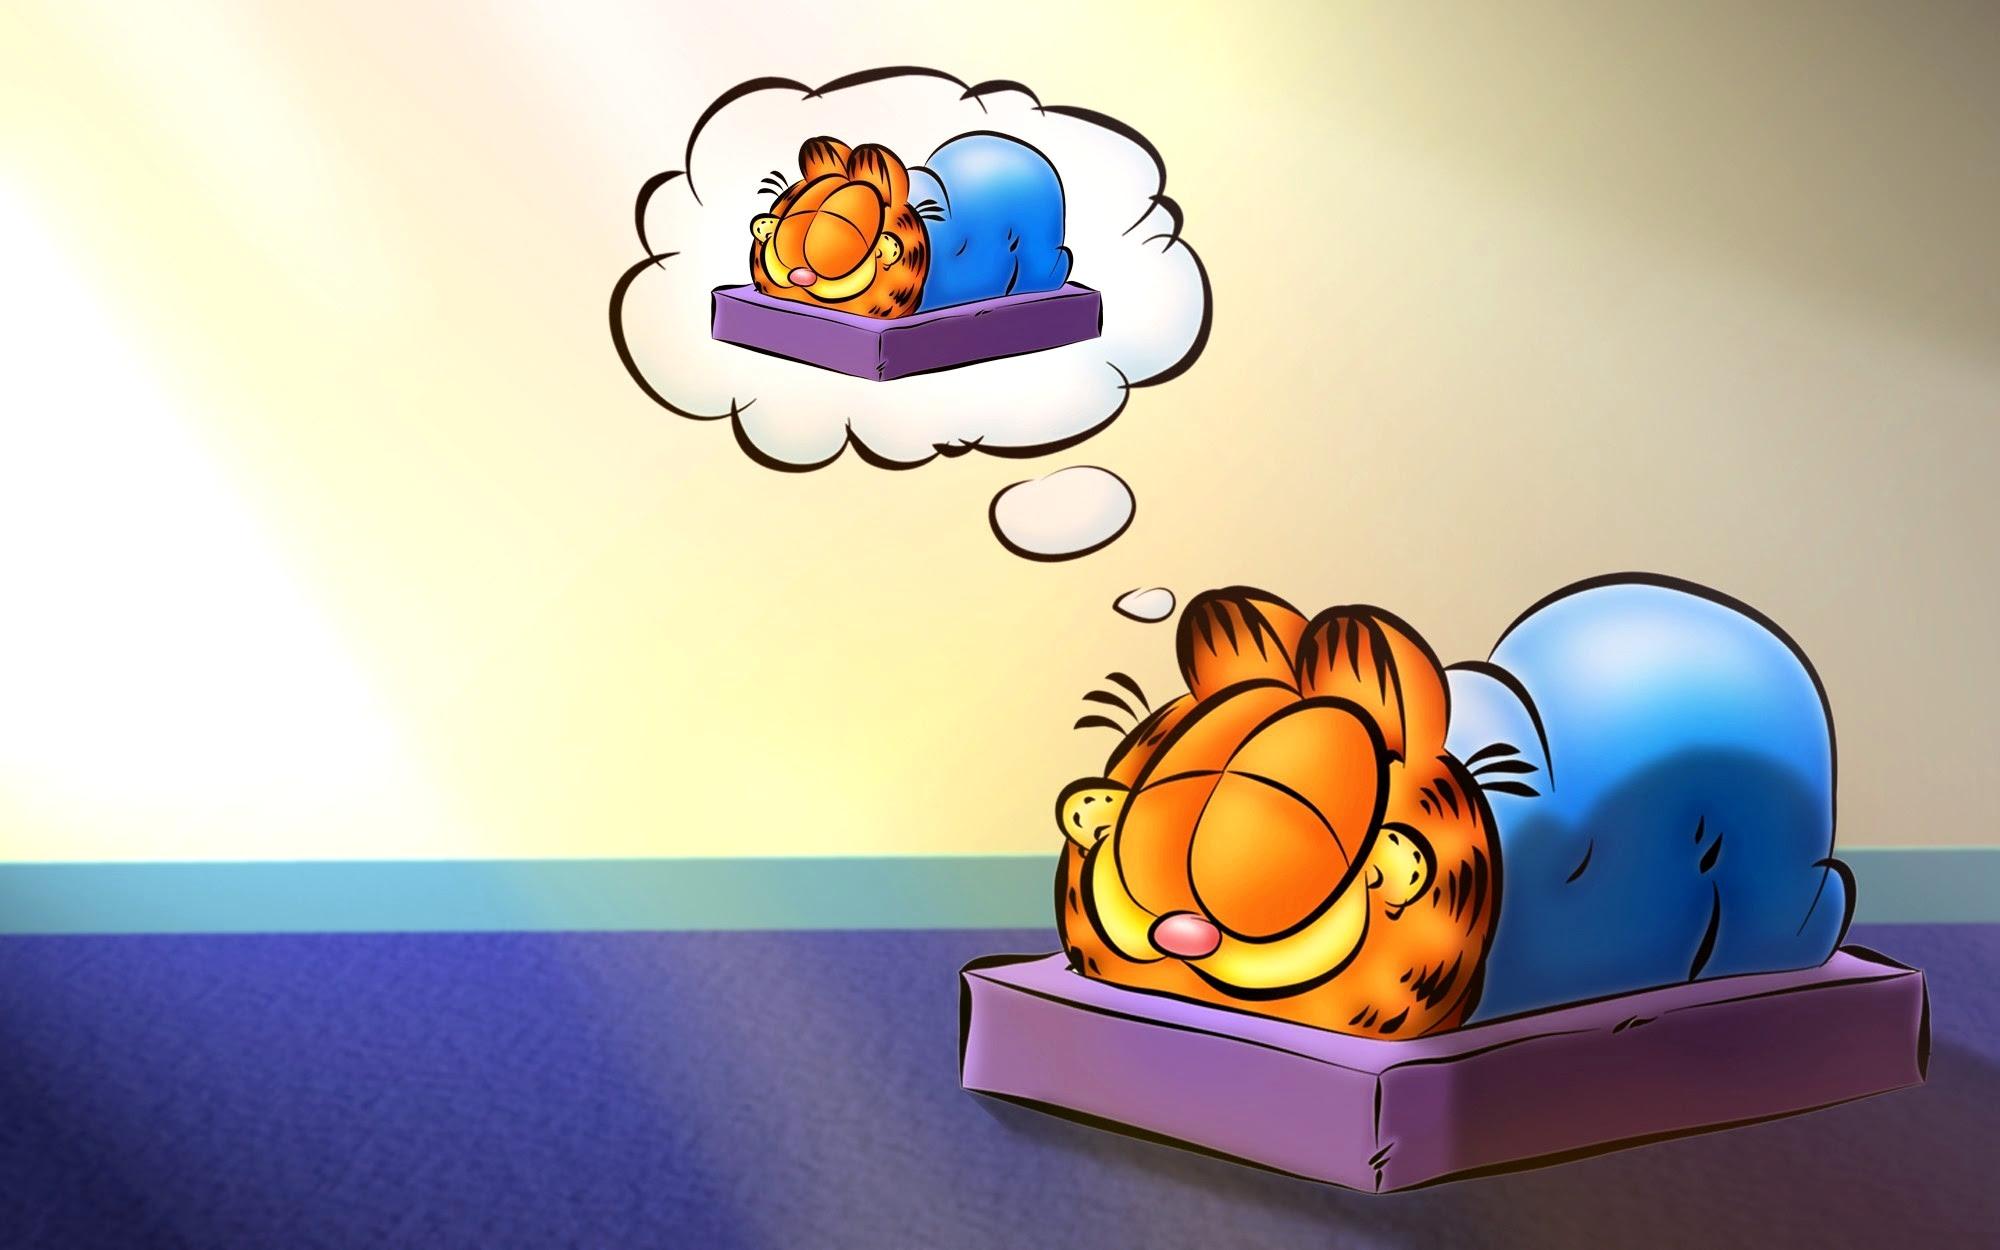 ILUSTRAÇÃO: Garfield dormindo, com um balão de um sonho onde ele está também dormido